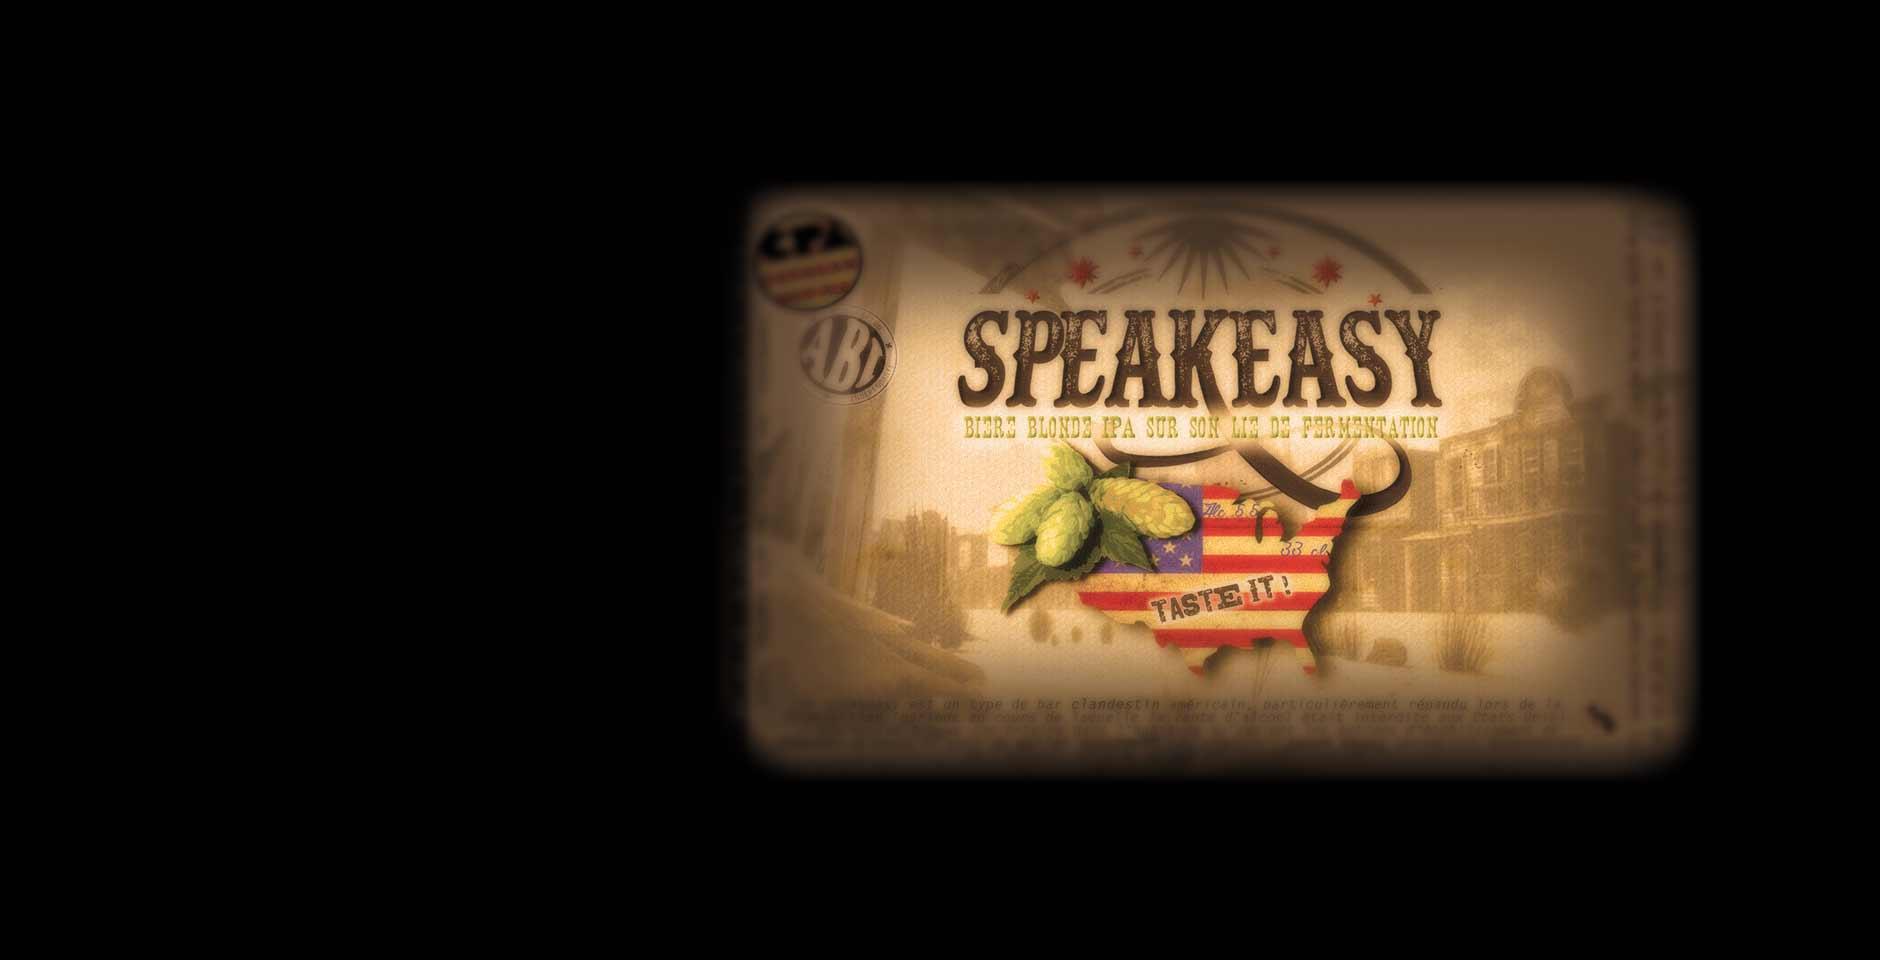 Speakesy label